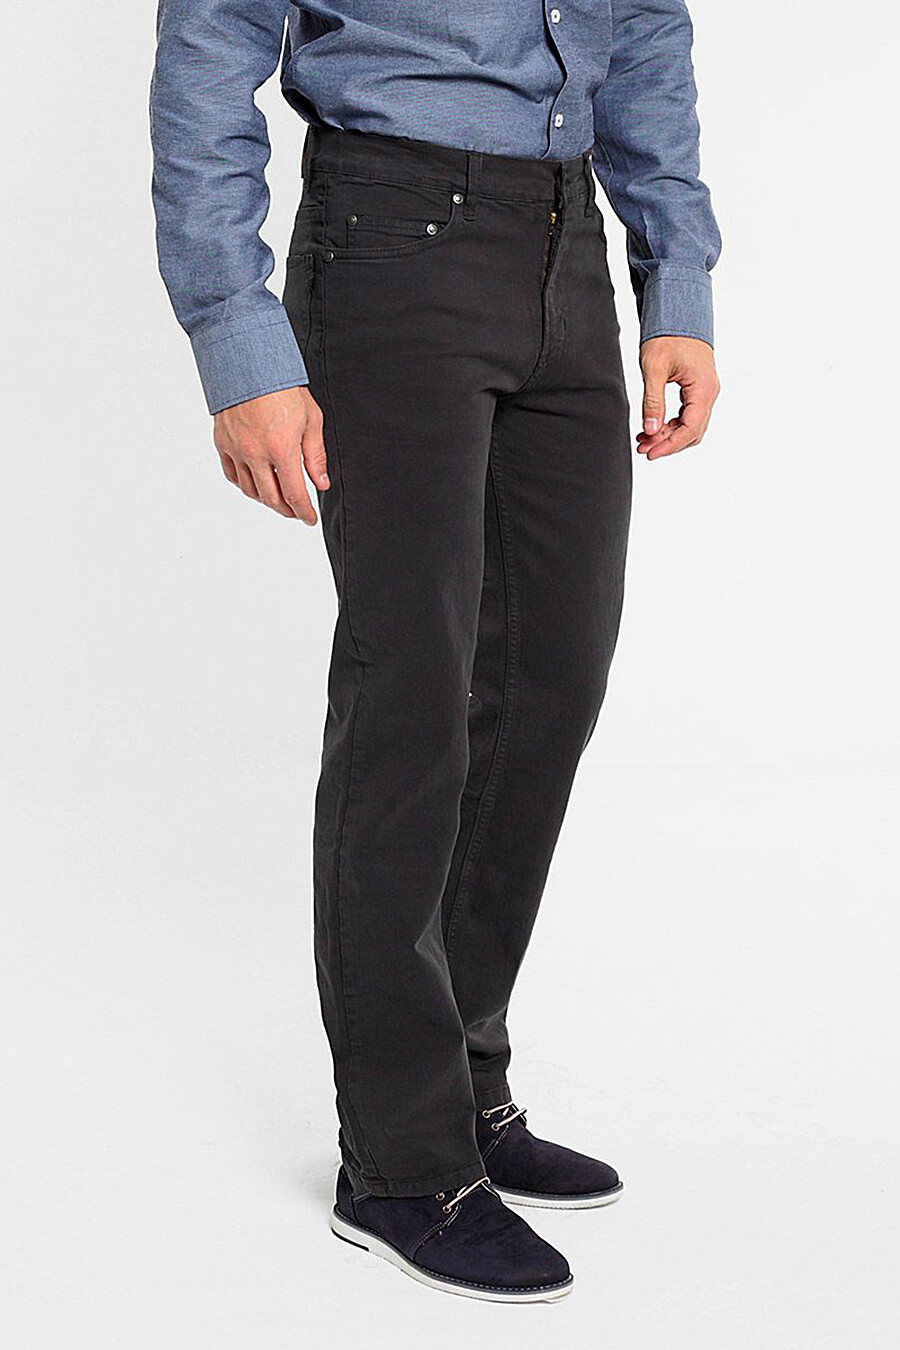 Джинсы для мужчин F5 158865 купить оптом от производителя. Совместная покупка мужской одежды в OptMoyo